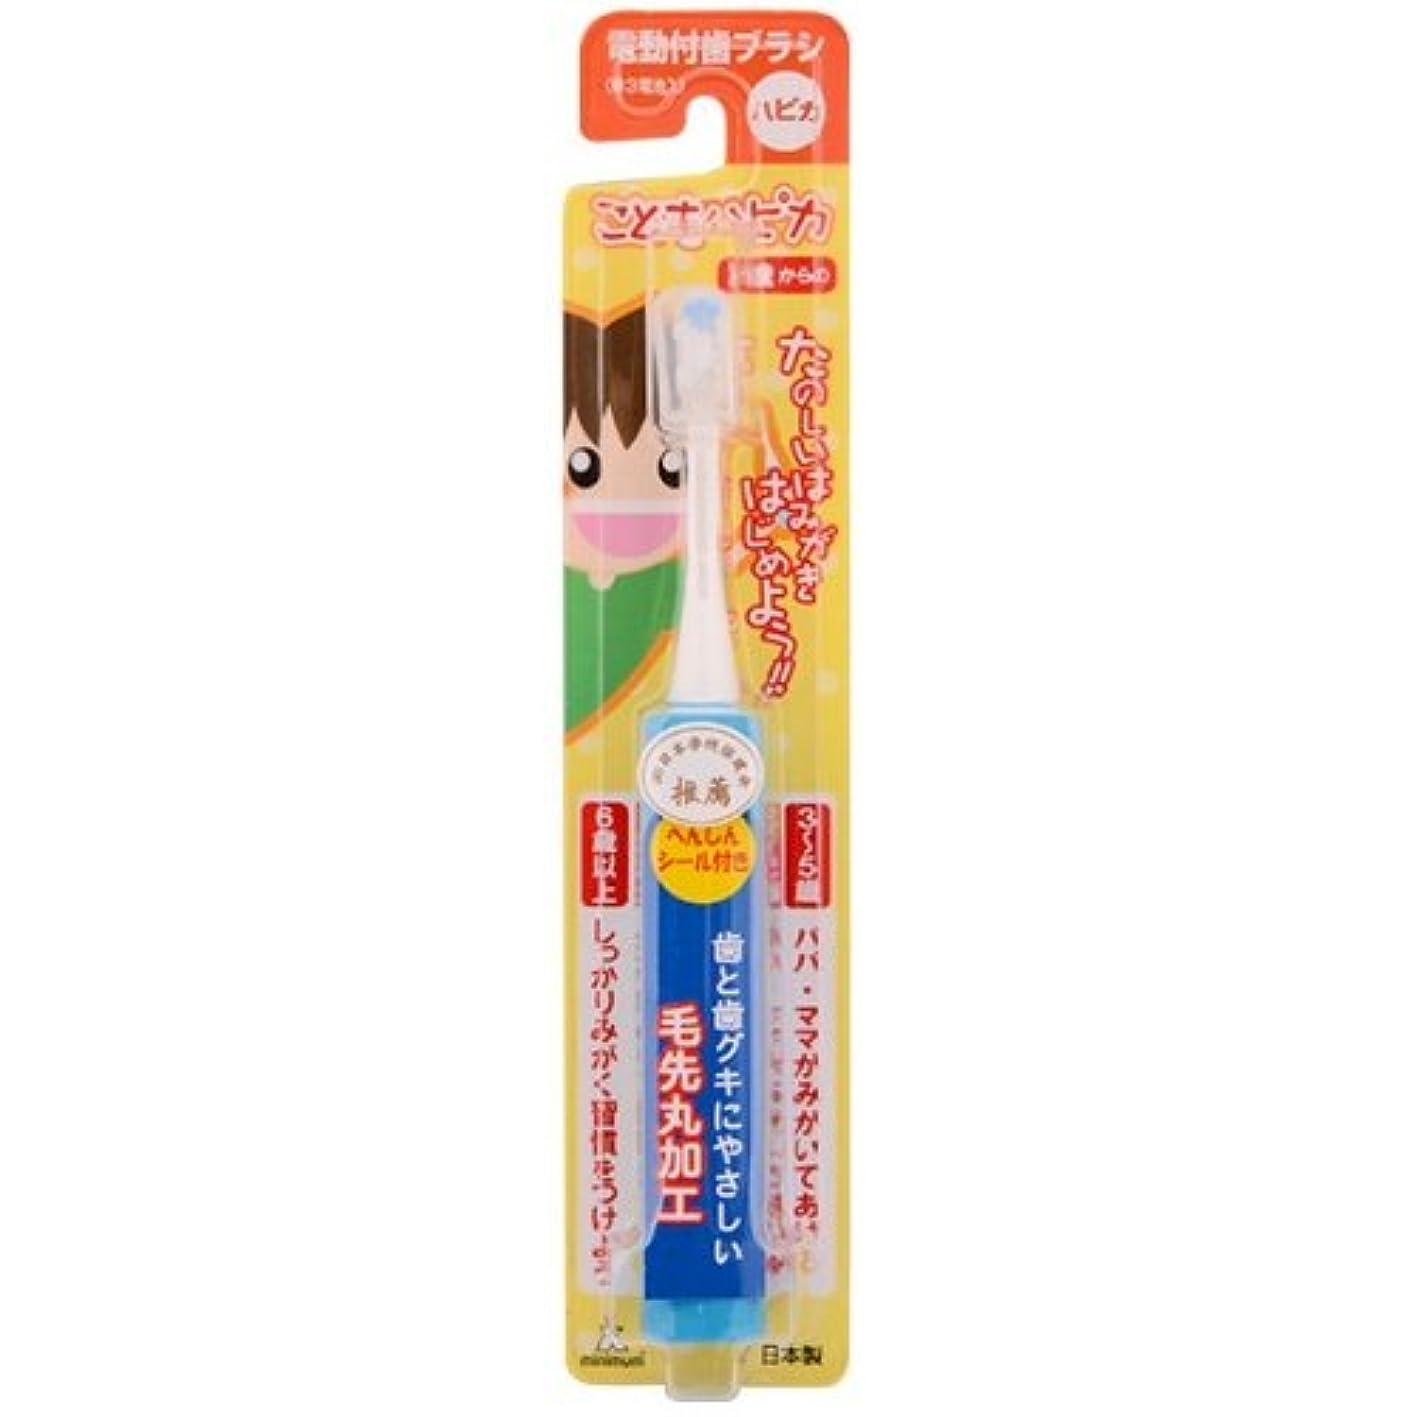 領収書コンクリートドアミラーミニマム 電動付歯ブラシ こどもハピカ ブルー 毛の硬さ:やわらかめ DBK-1B(BP)